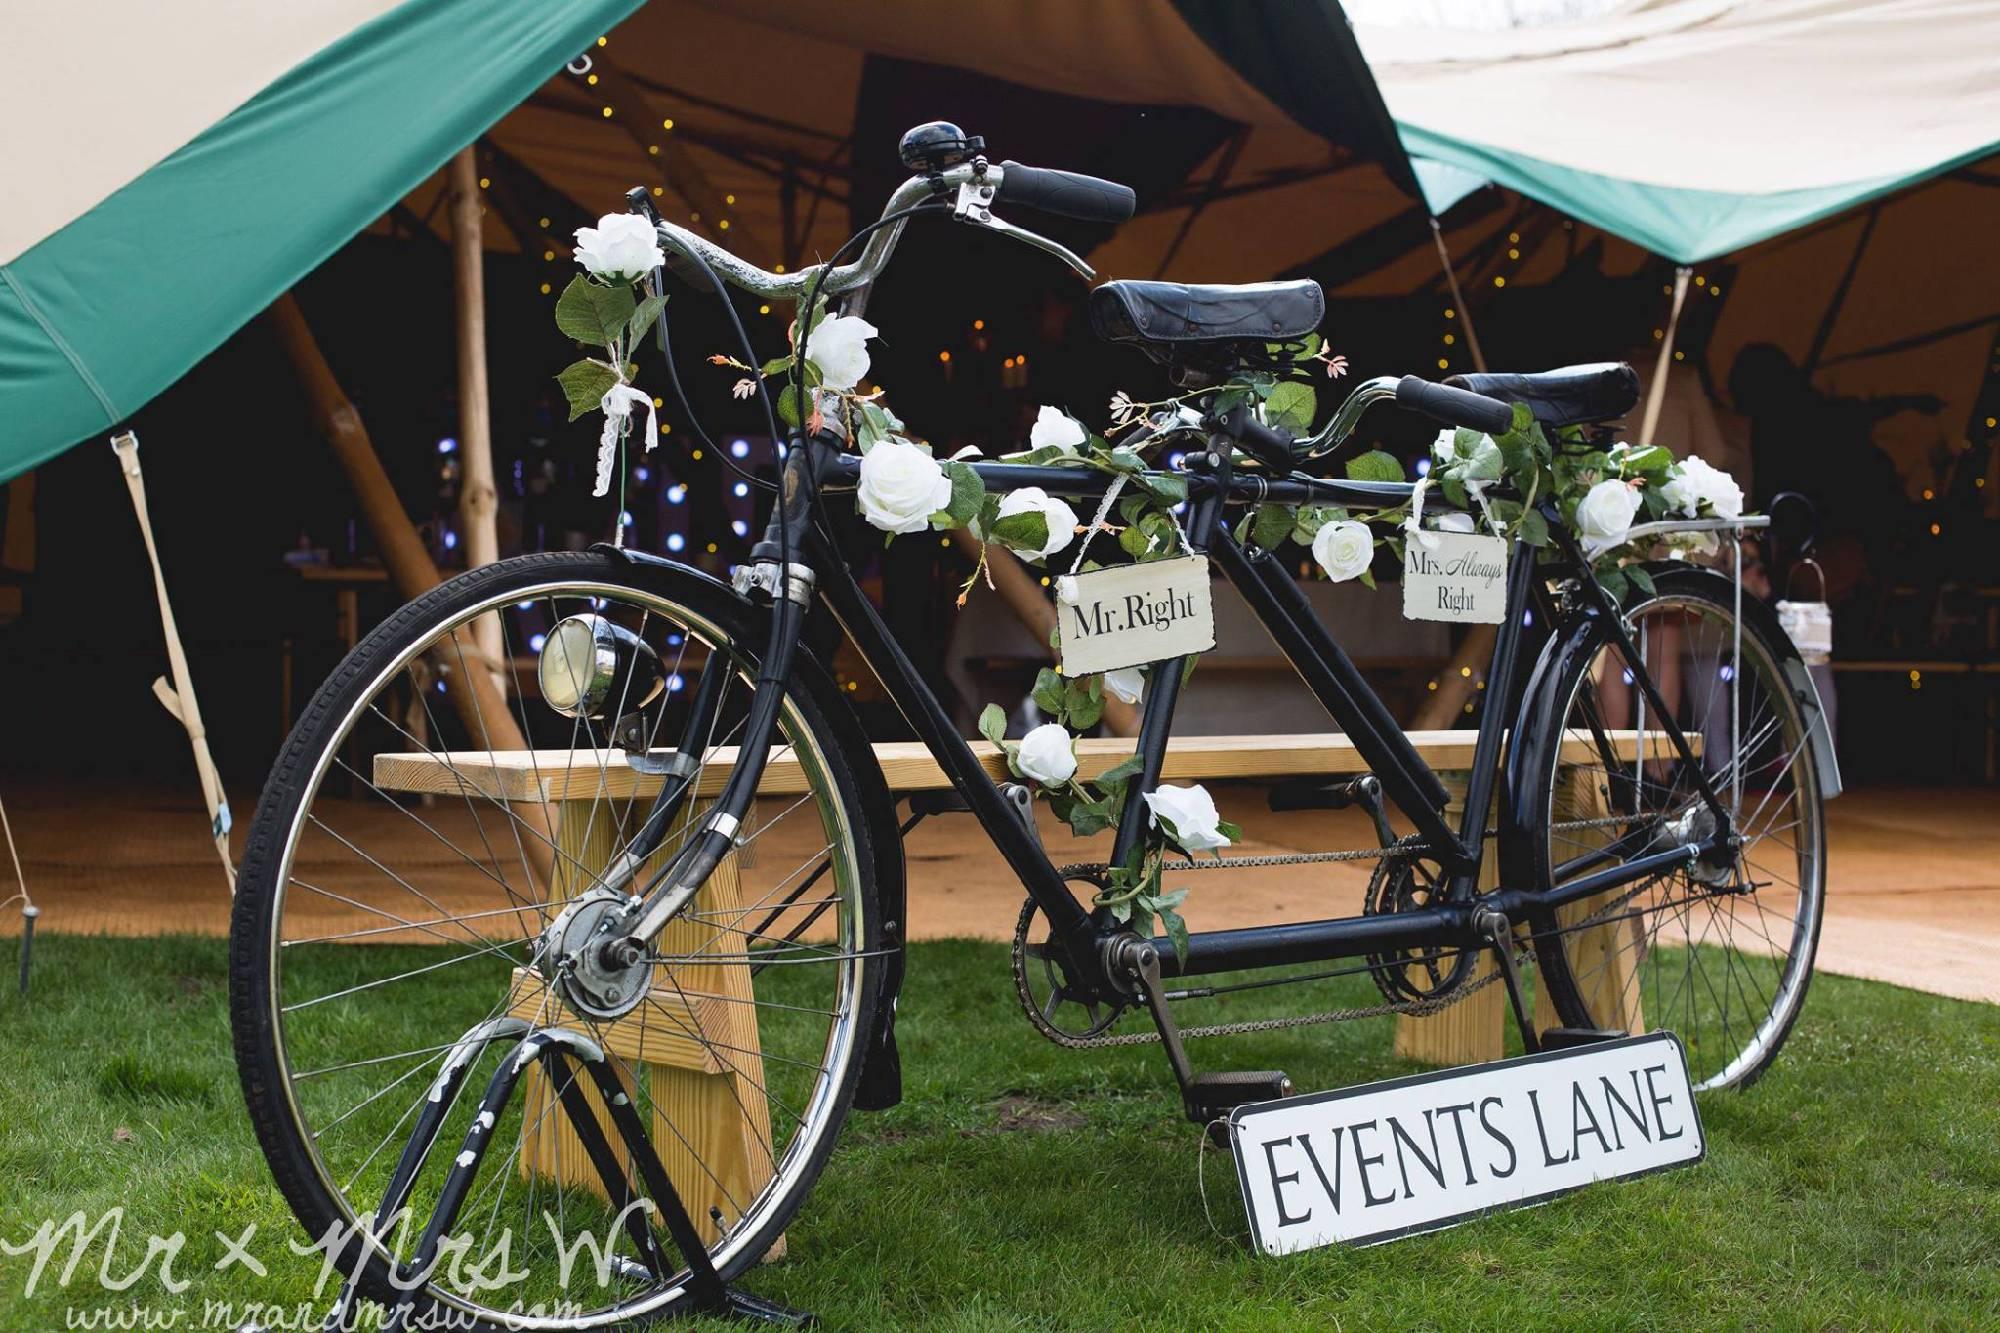 adlington-bike-2048x1365-62.jpg